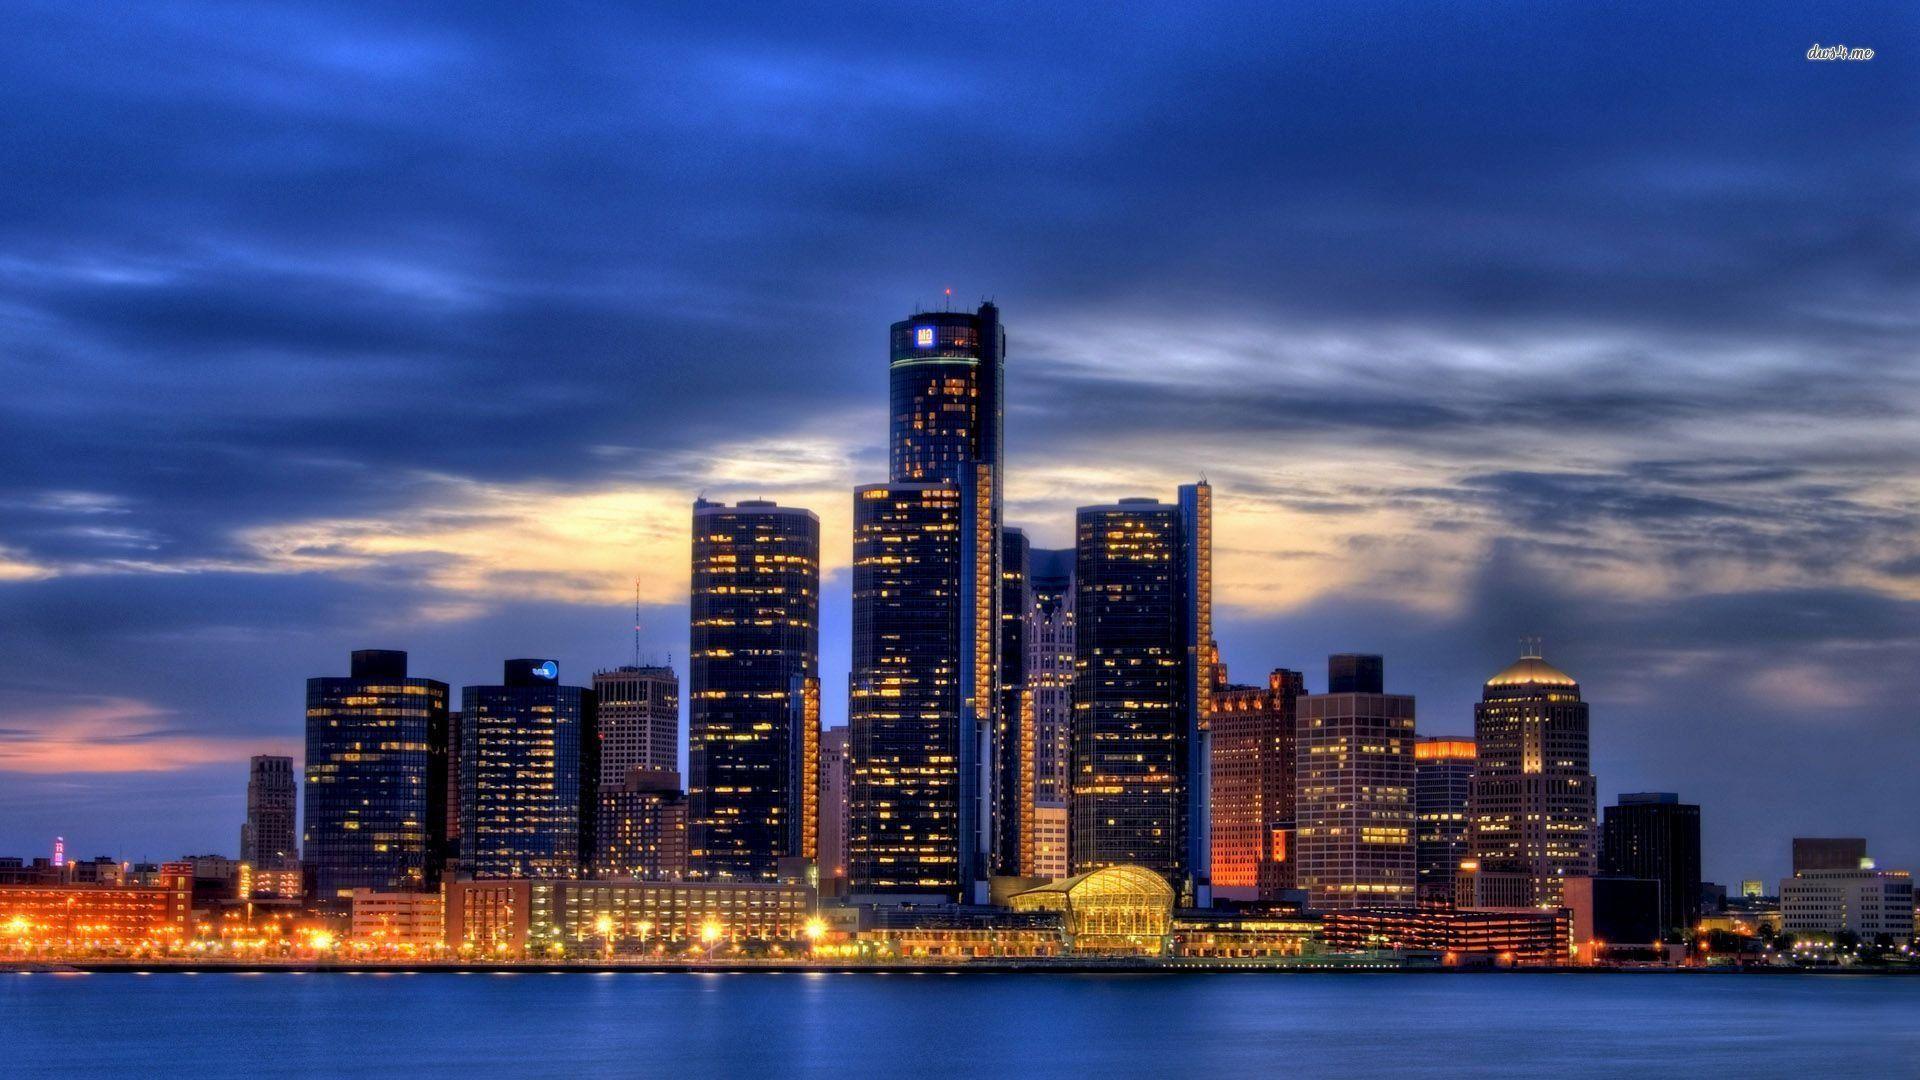 Detroit City Wallpapers   Top Detroit City Backgrounds 1920x1080